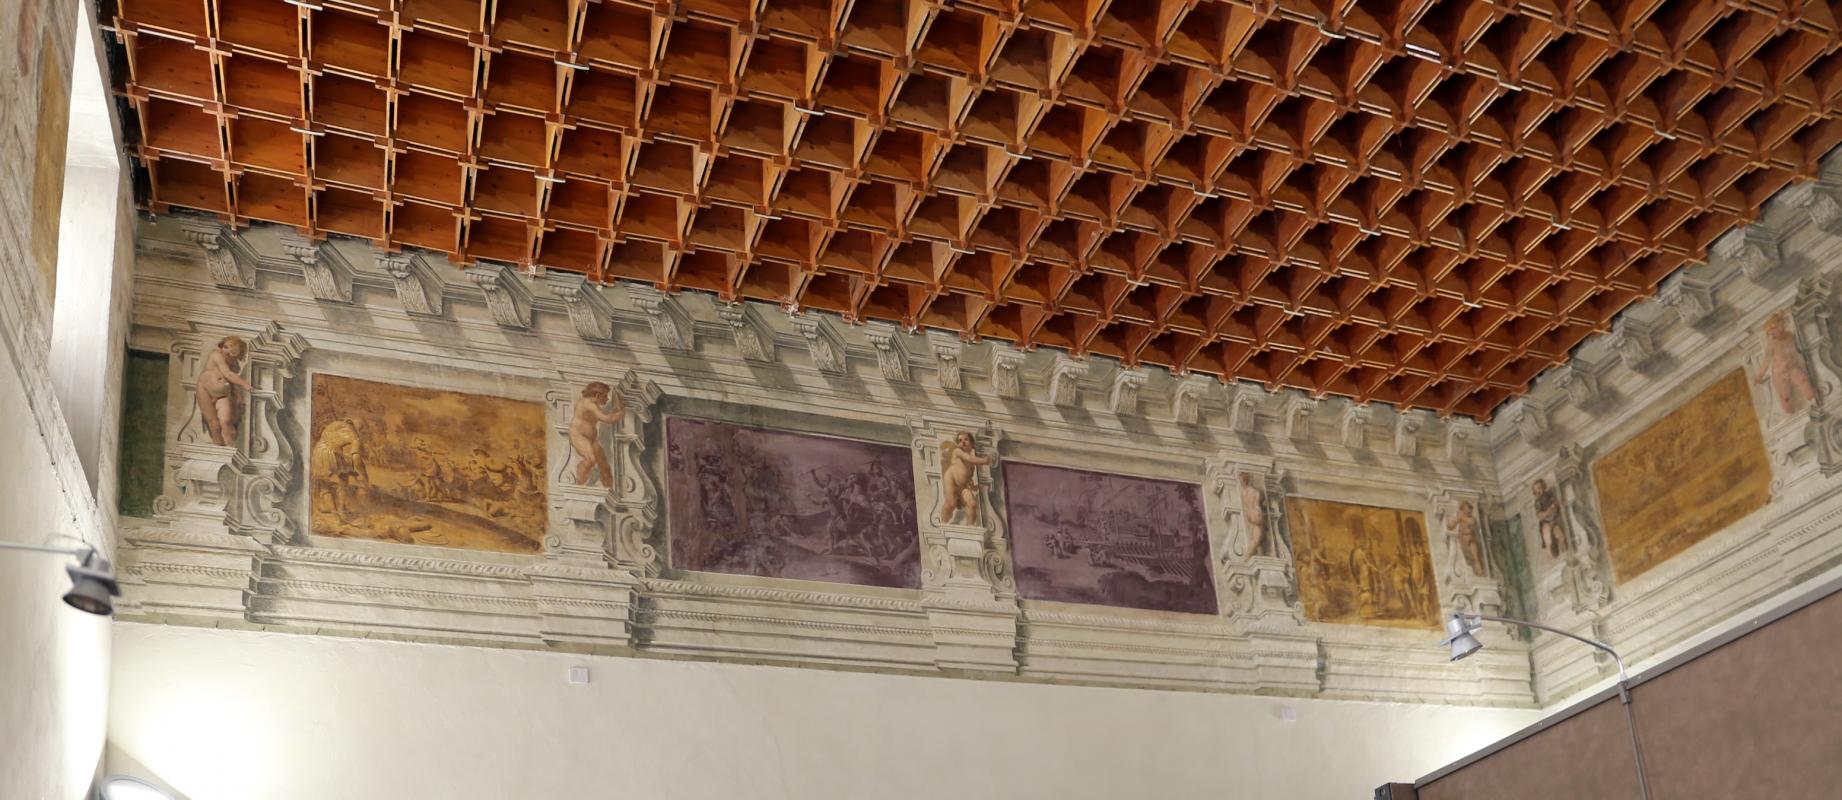 Gualtieri, palazzo bentivoglio, sala di enea, inizio del xvii secolo 03 - Sailko - Gualtieri (RE)